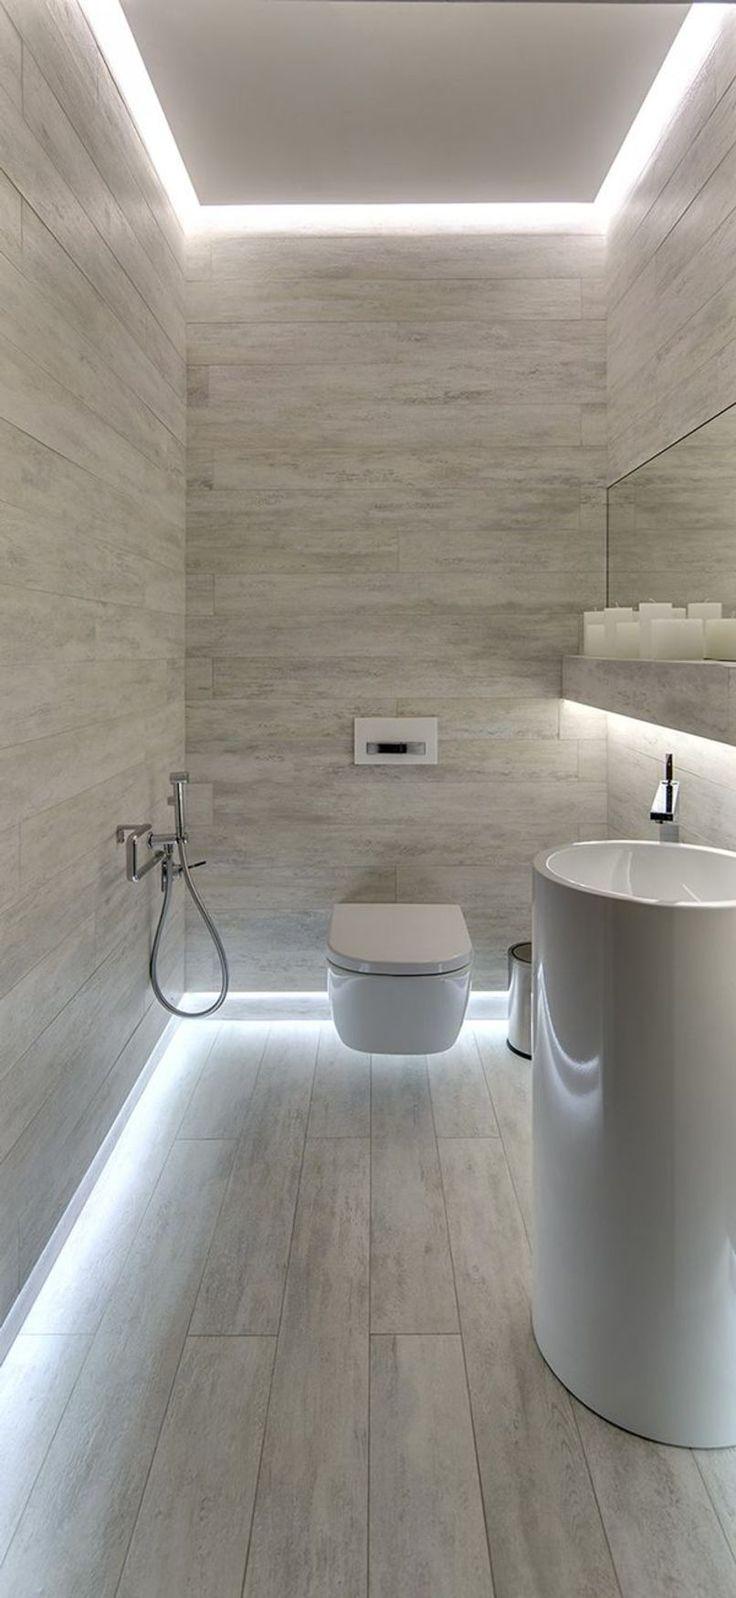 150 best bathroom images on Pinterest | Bathroom ideas, Room and ...